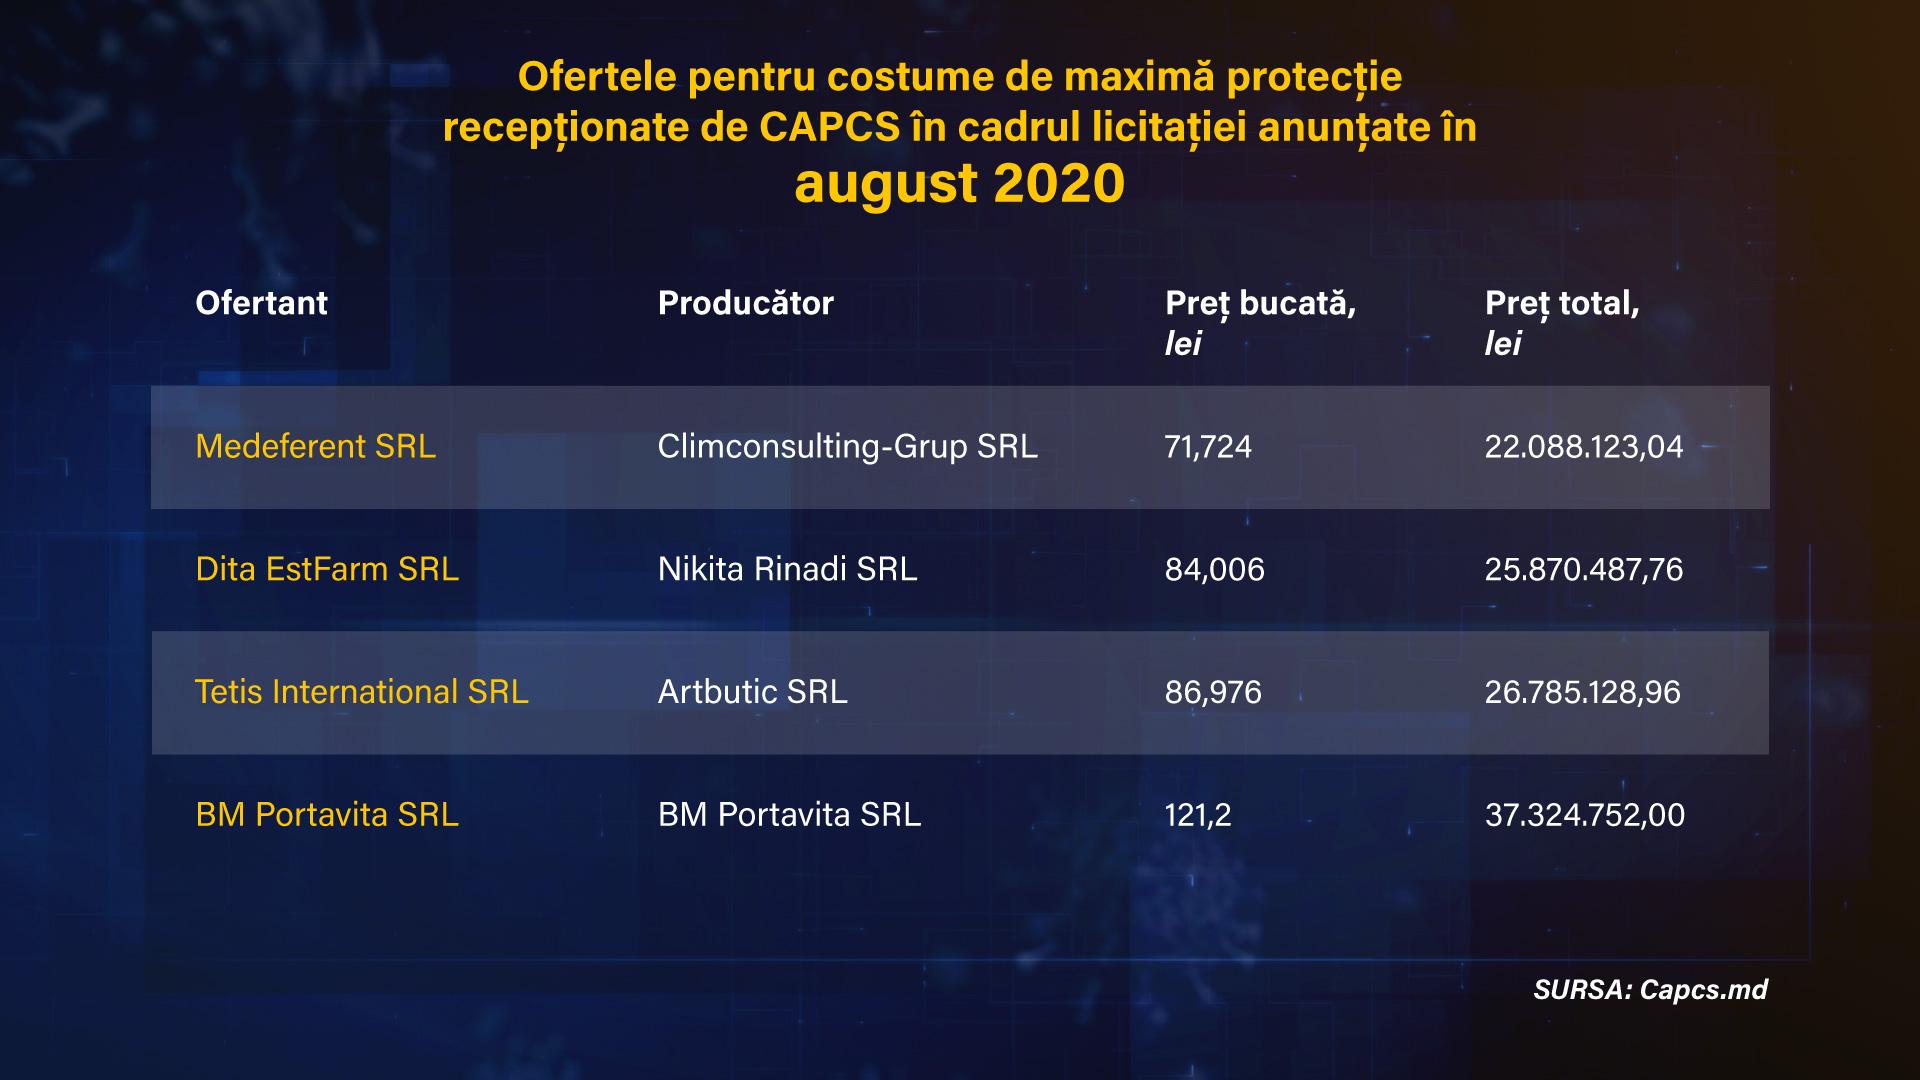 licitatie-capcs-08-2020